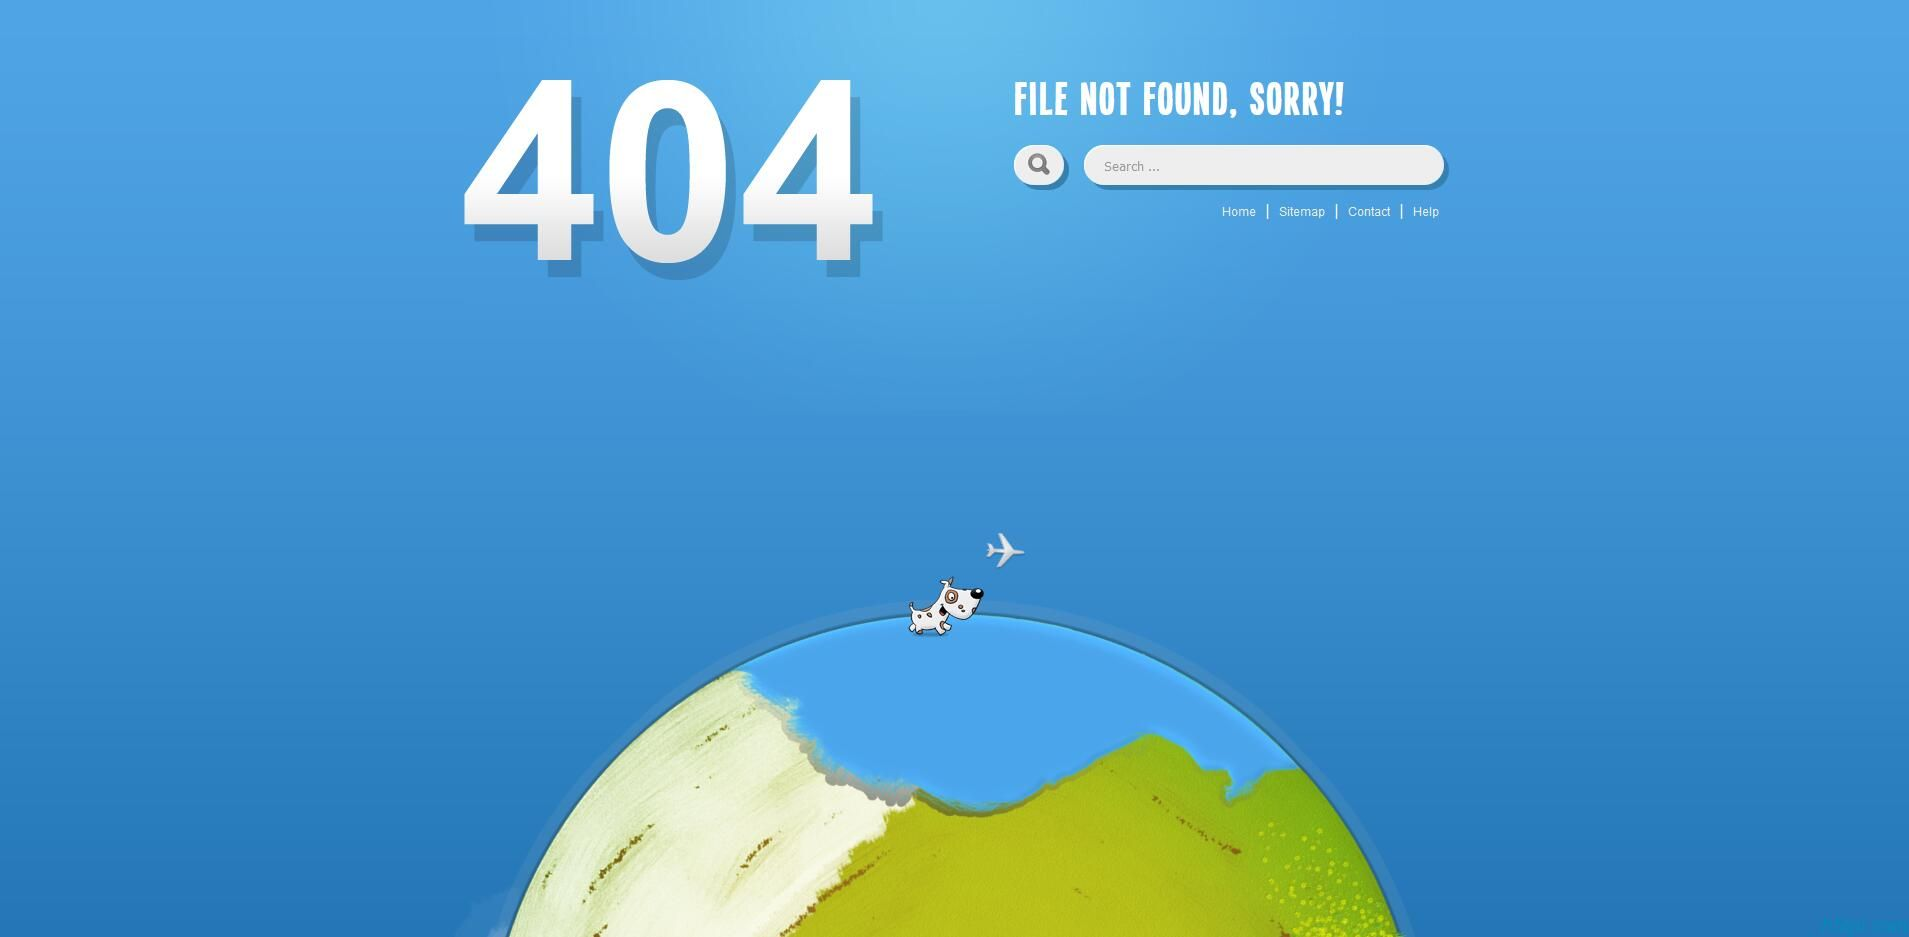 小狗绕地球奔跑404页面是一款可爱的小动物在旋转的地球上奔跑404网站错误页面